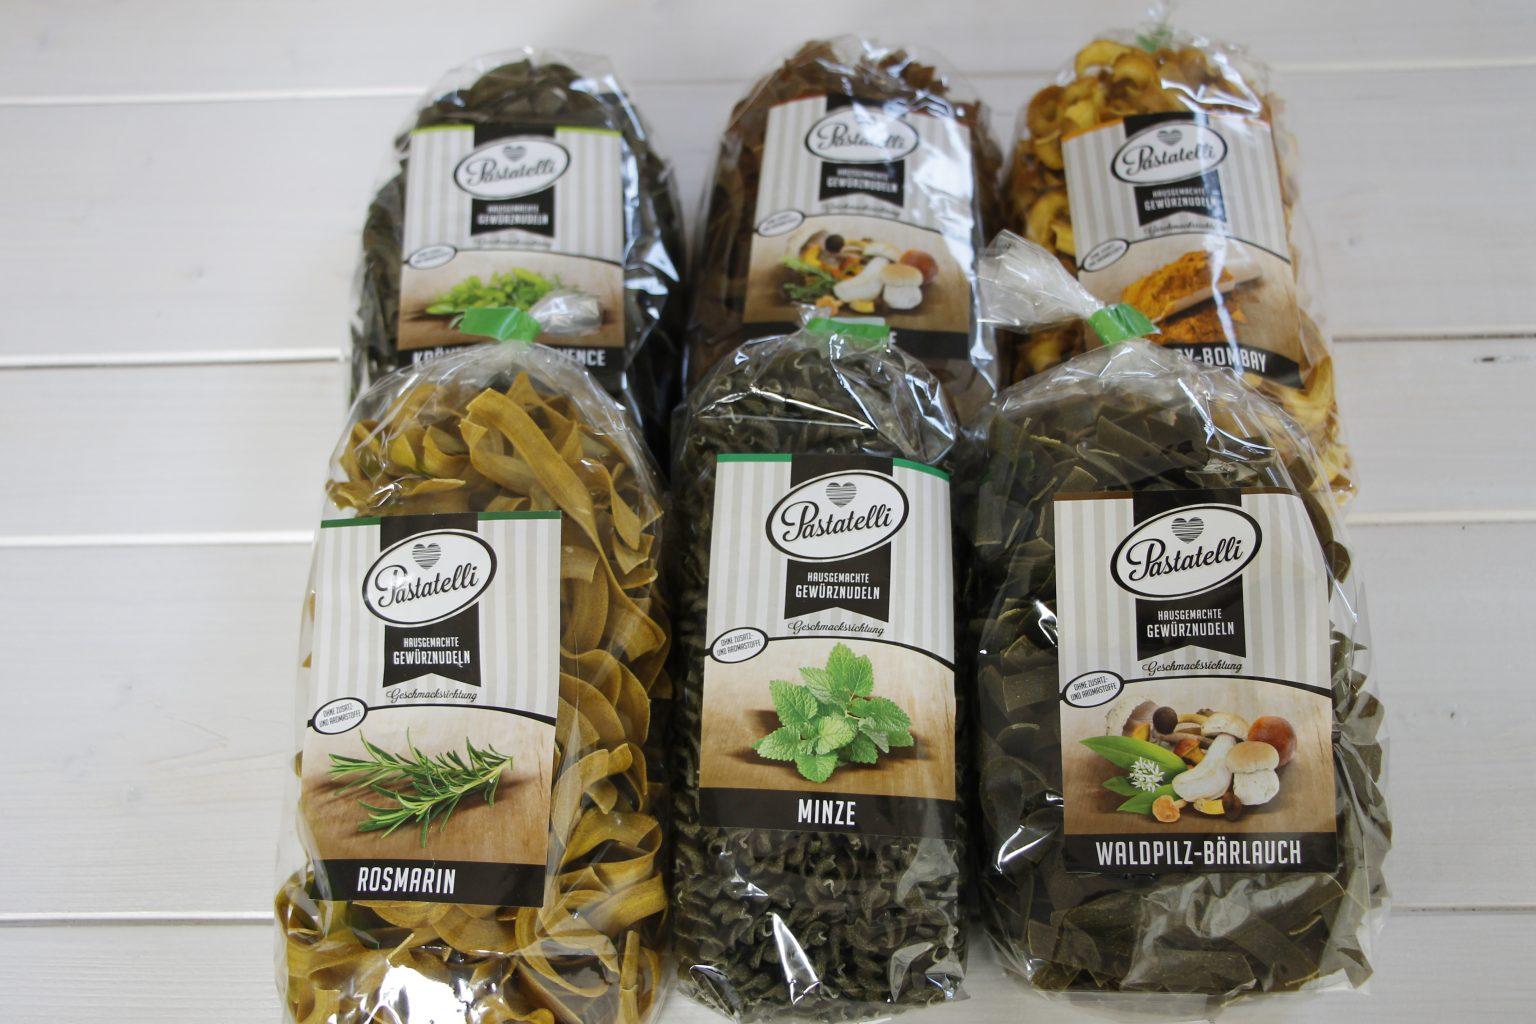 Pastatelli Gewinnspiel